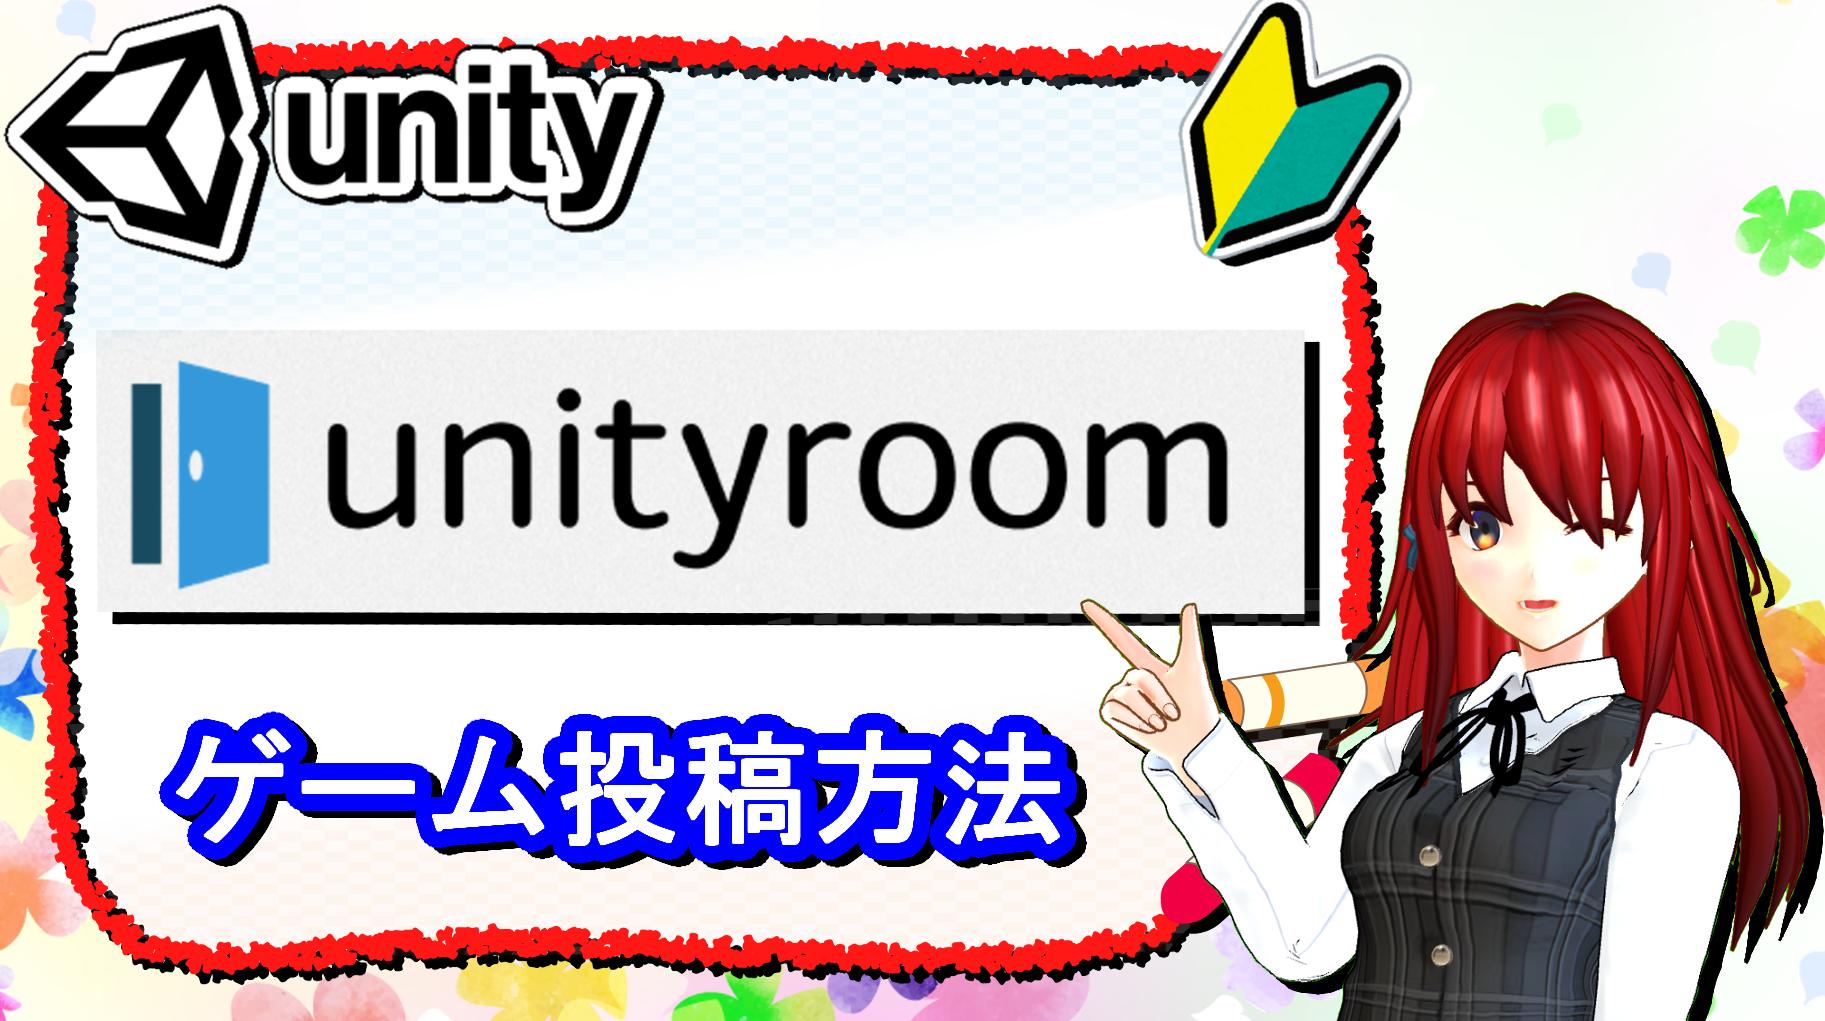 unityroom